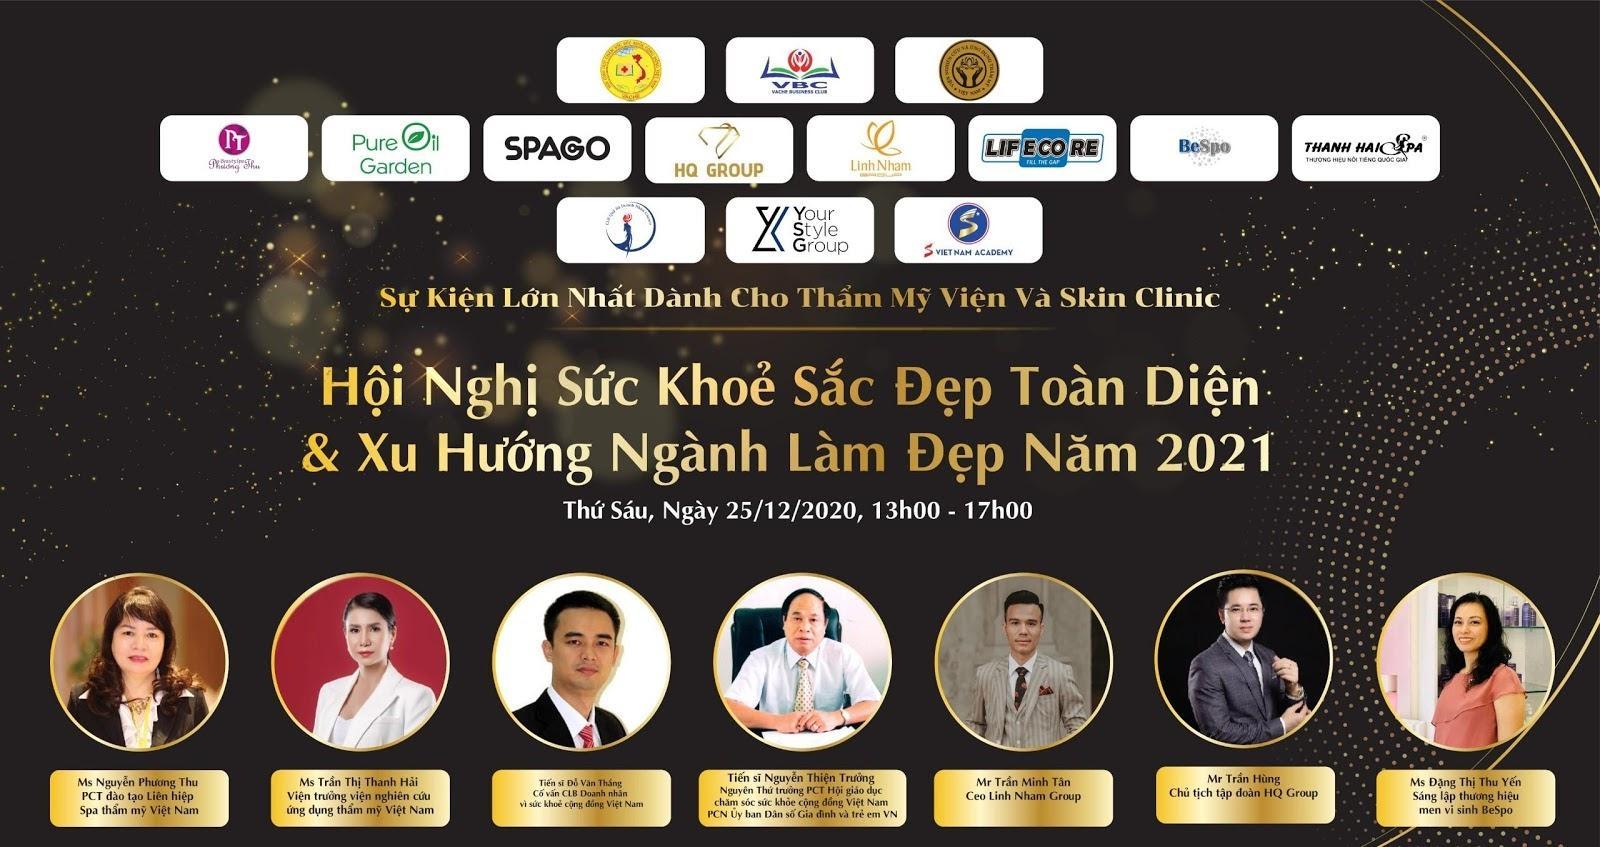 CEO & Founder Công ty CP Hương liệu và Tinh dầu H&D Đinh Thị Thu Hương - Ban tổ chức tại Hội nghị sức khỏe sắc đẹp toàn diện và xu hướng ngành làm đẹp 2022 - Ảnh 5